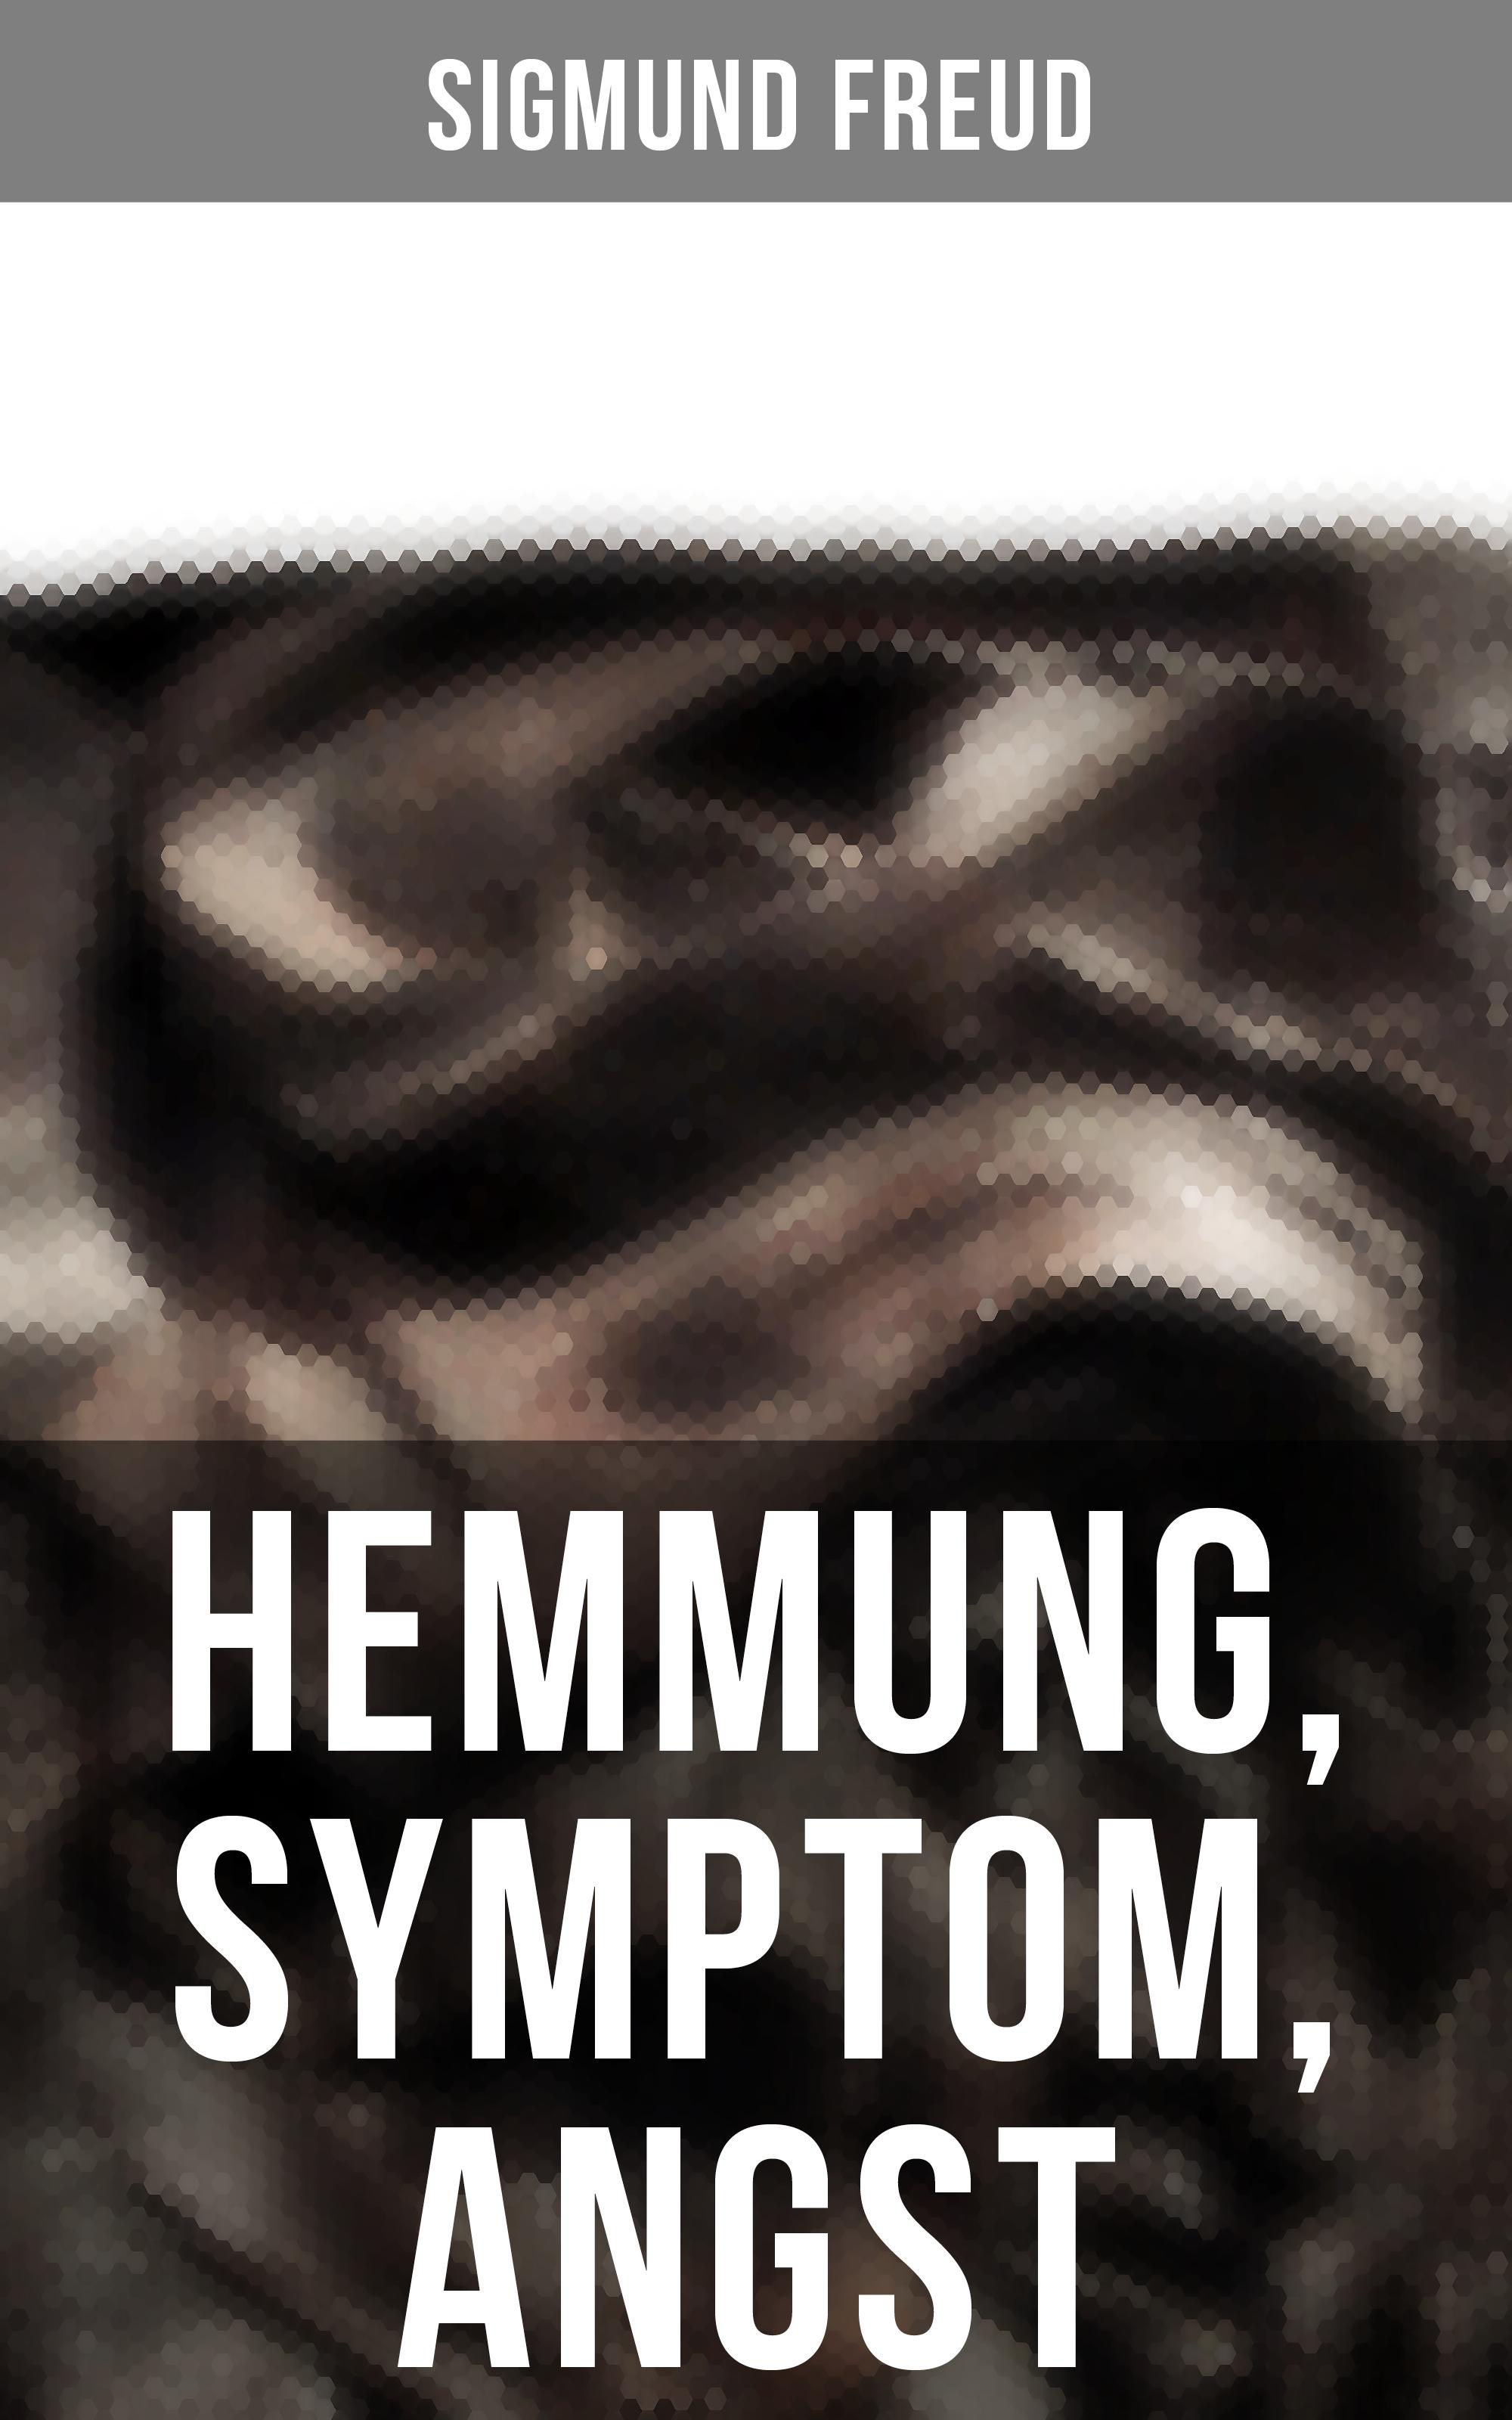 sigmund freud hemmung symptom angst